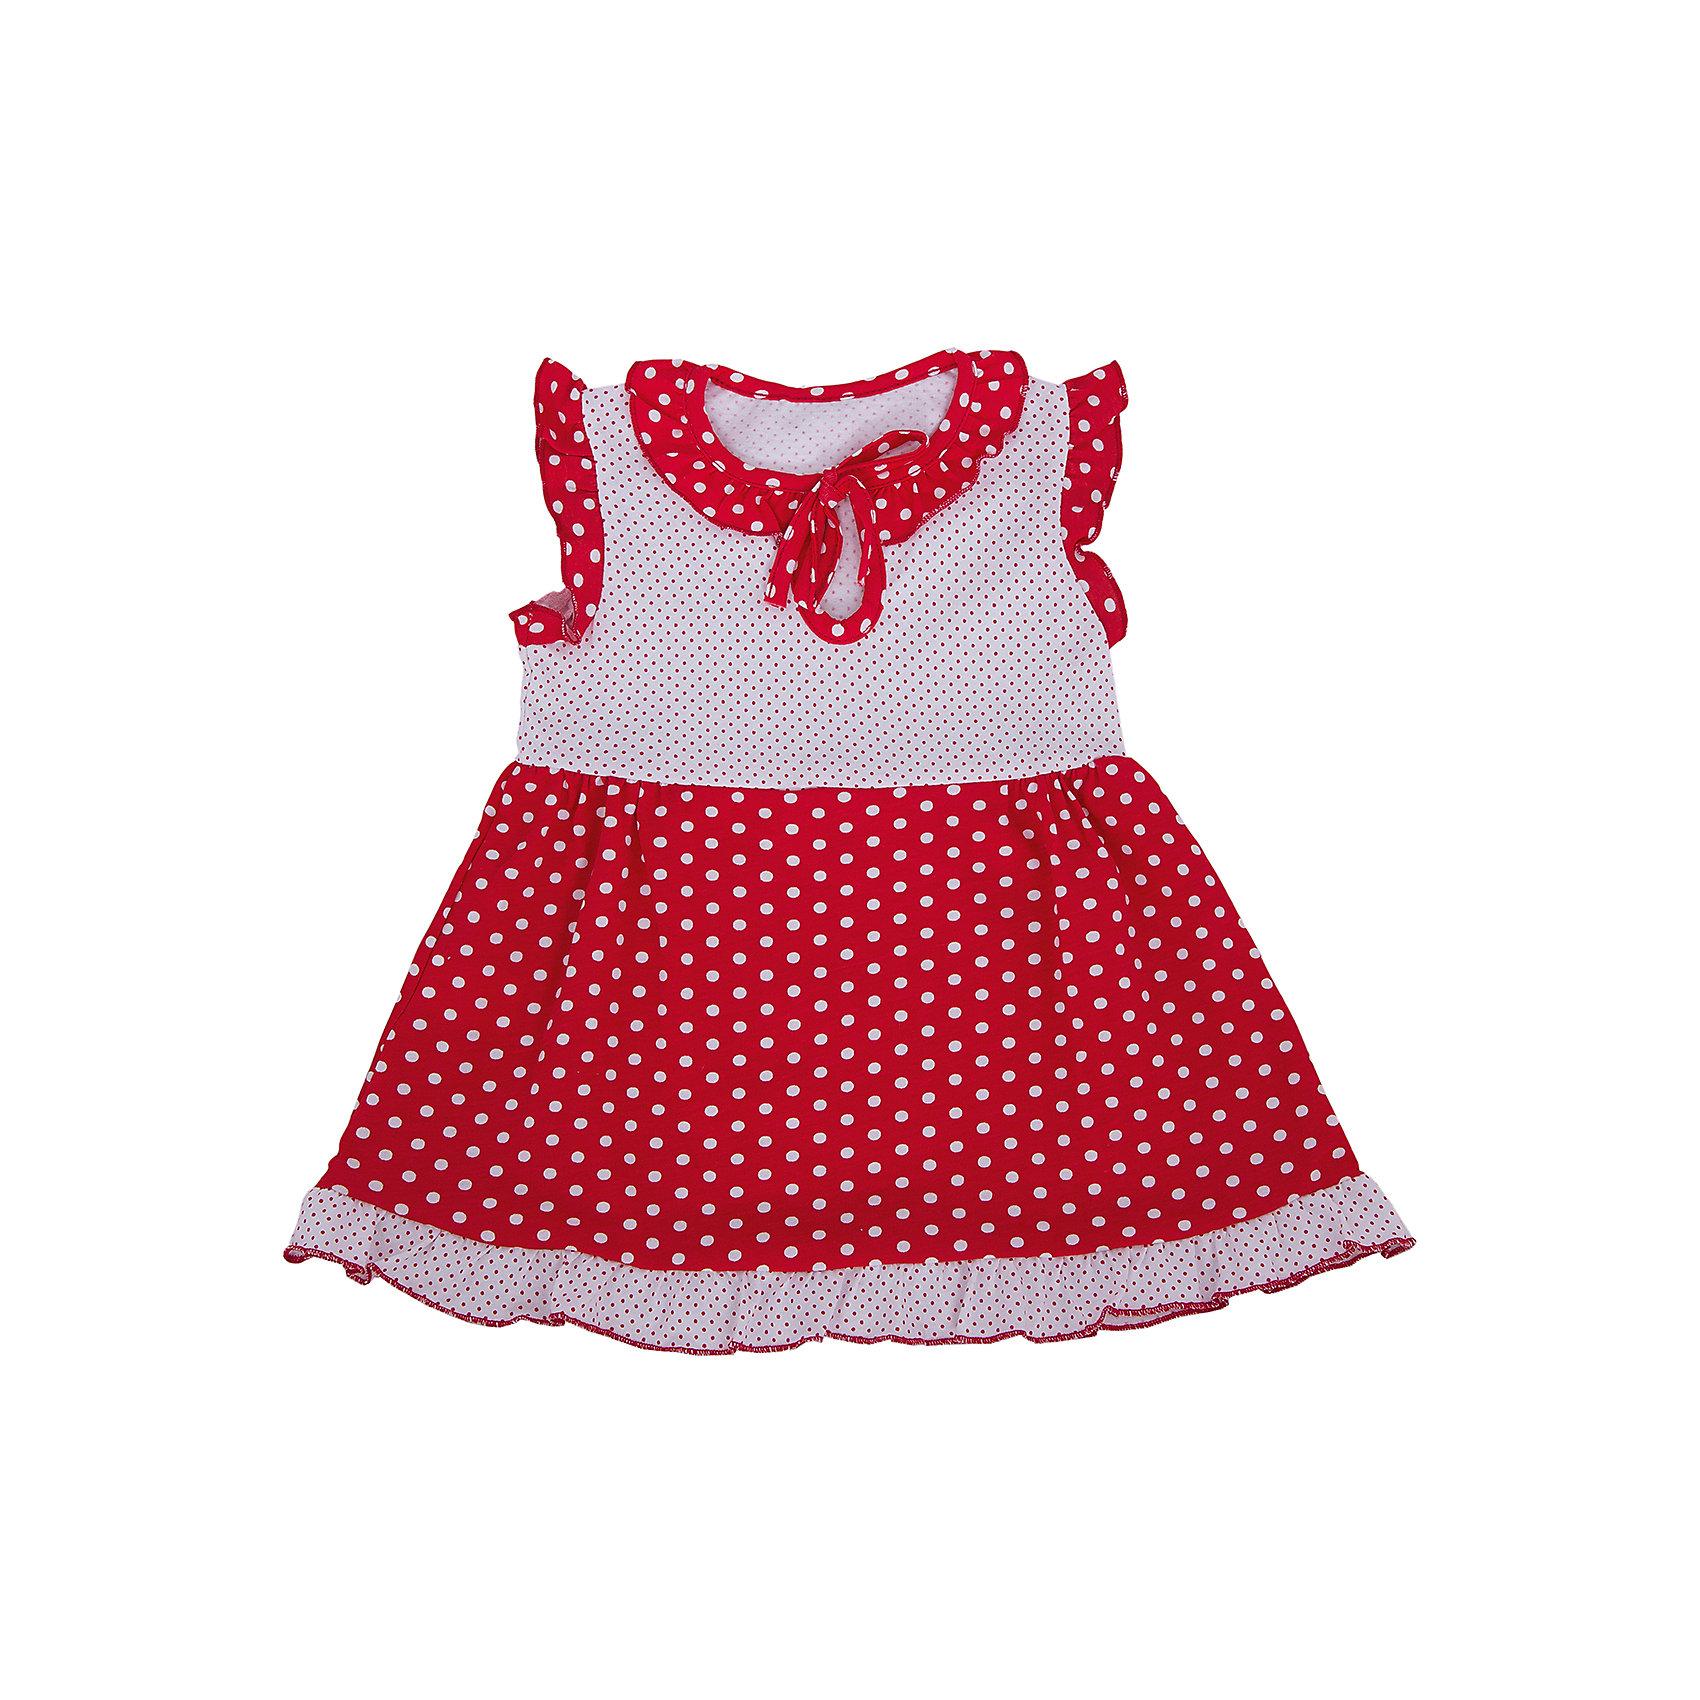 Платье АпрельОчаровательное платьишко из легкого хлопка. Приятное на ощупь, не сковывает движения, обеспечивая наибольший комфорт. Изделие с короткими рукавами-крылышками, декорировано оборками, оригинальным воротничком, дизайнерской набивкой. Отличный вариант для маленькой модницы как на праздник, так и на каждый день! Рекомендуется деликатная машинная стирка без предварительного замачивания изделия. Состав: 100% хлопок<br><br>Ширина мм: 236<br>Глубина мм: 16<br>Высота мм: 184<br>Вес г: 177<br>Цвет: красно-белый<br>Возраст от месяцев: 6<br>Возраст до месяцев: 9<br>Пол: Женский<br>Возраст: Детский<br>Размер: 98,80,92,86,74<br>SKU: 4630580